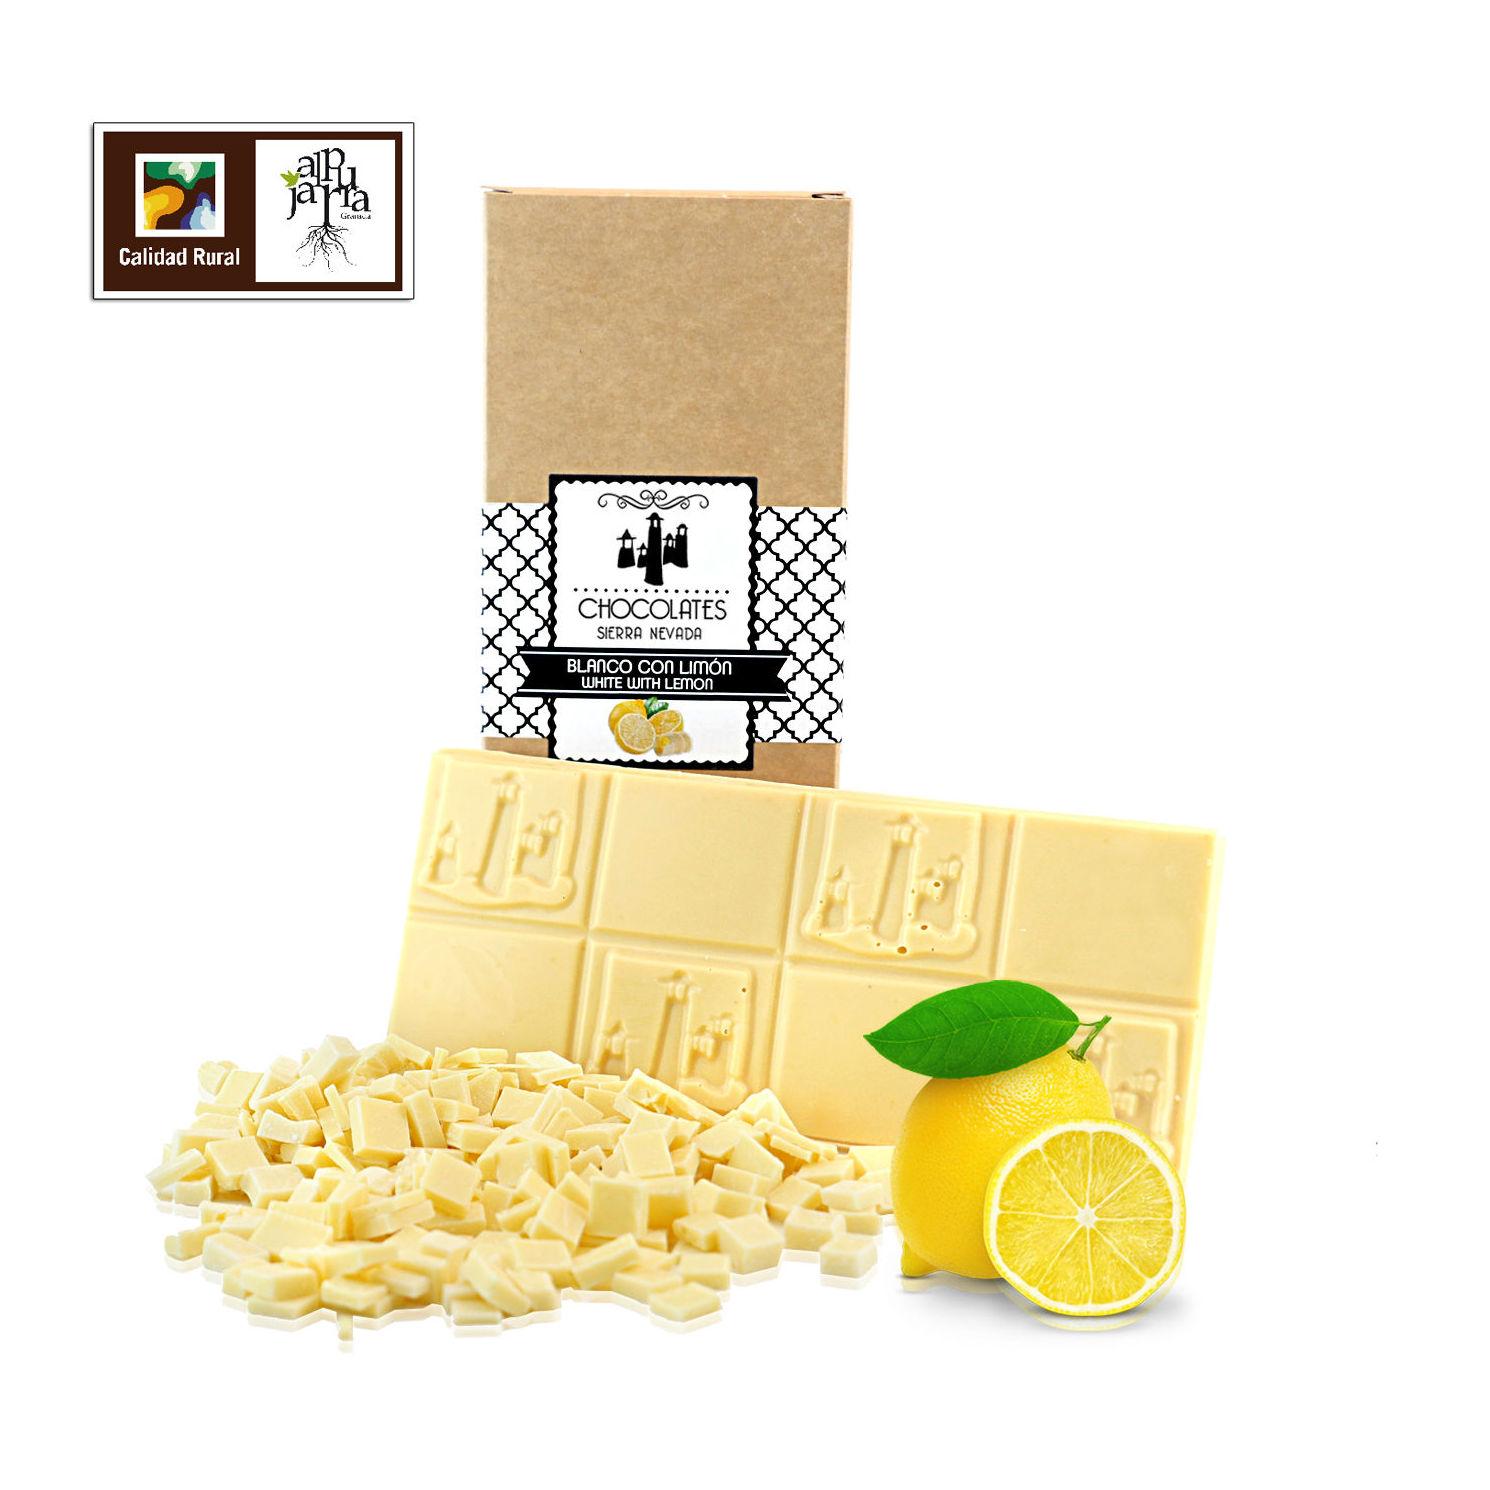 Tableta artesana de chocolate blanco con limón: Nuestros productos de Chocolates Sierra Nevada